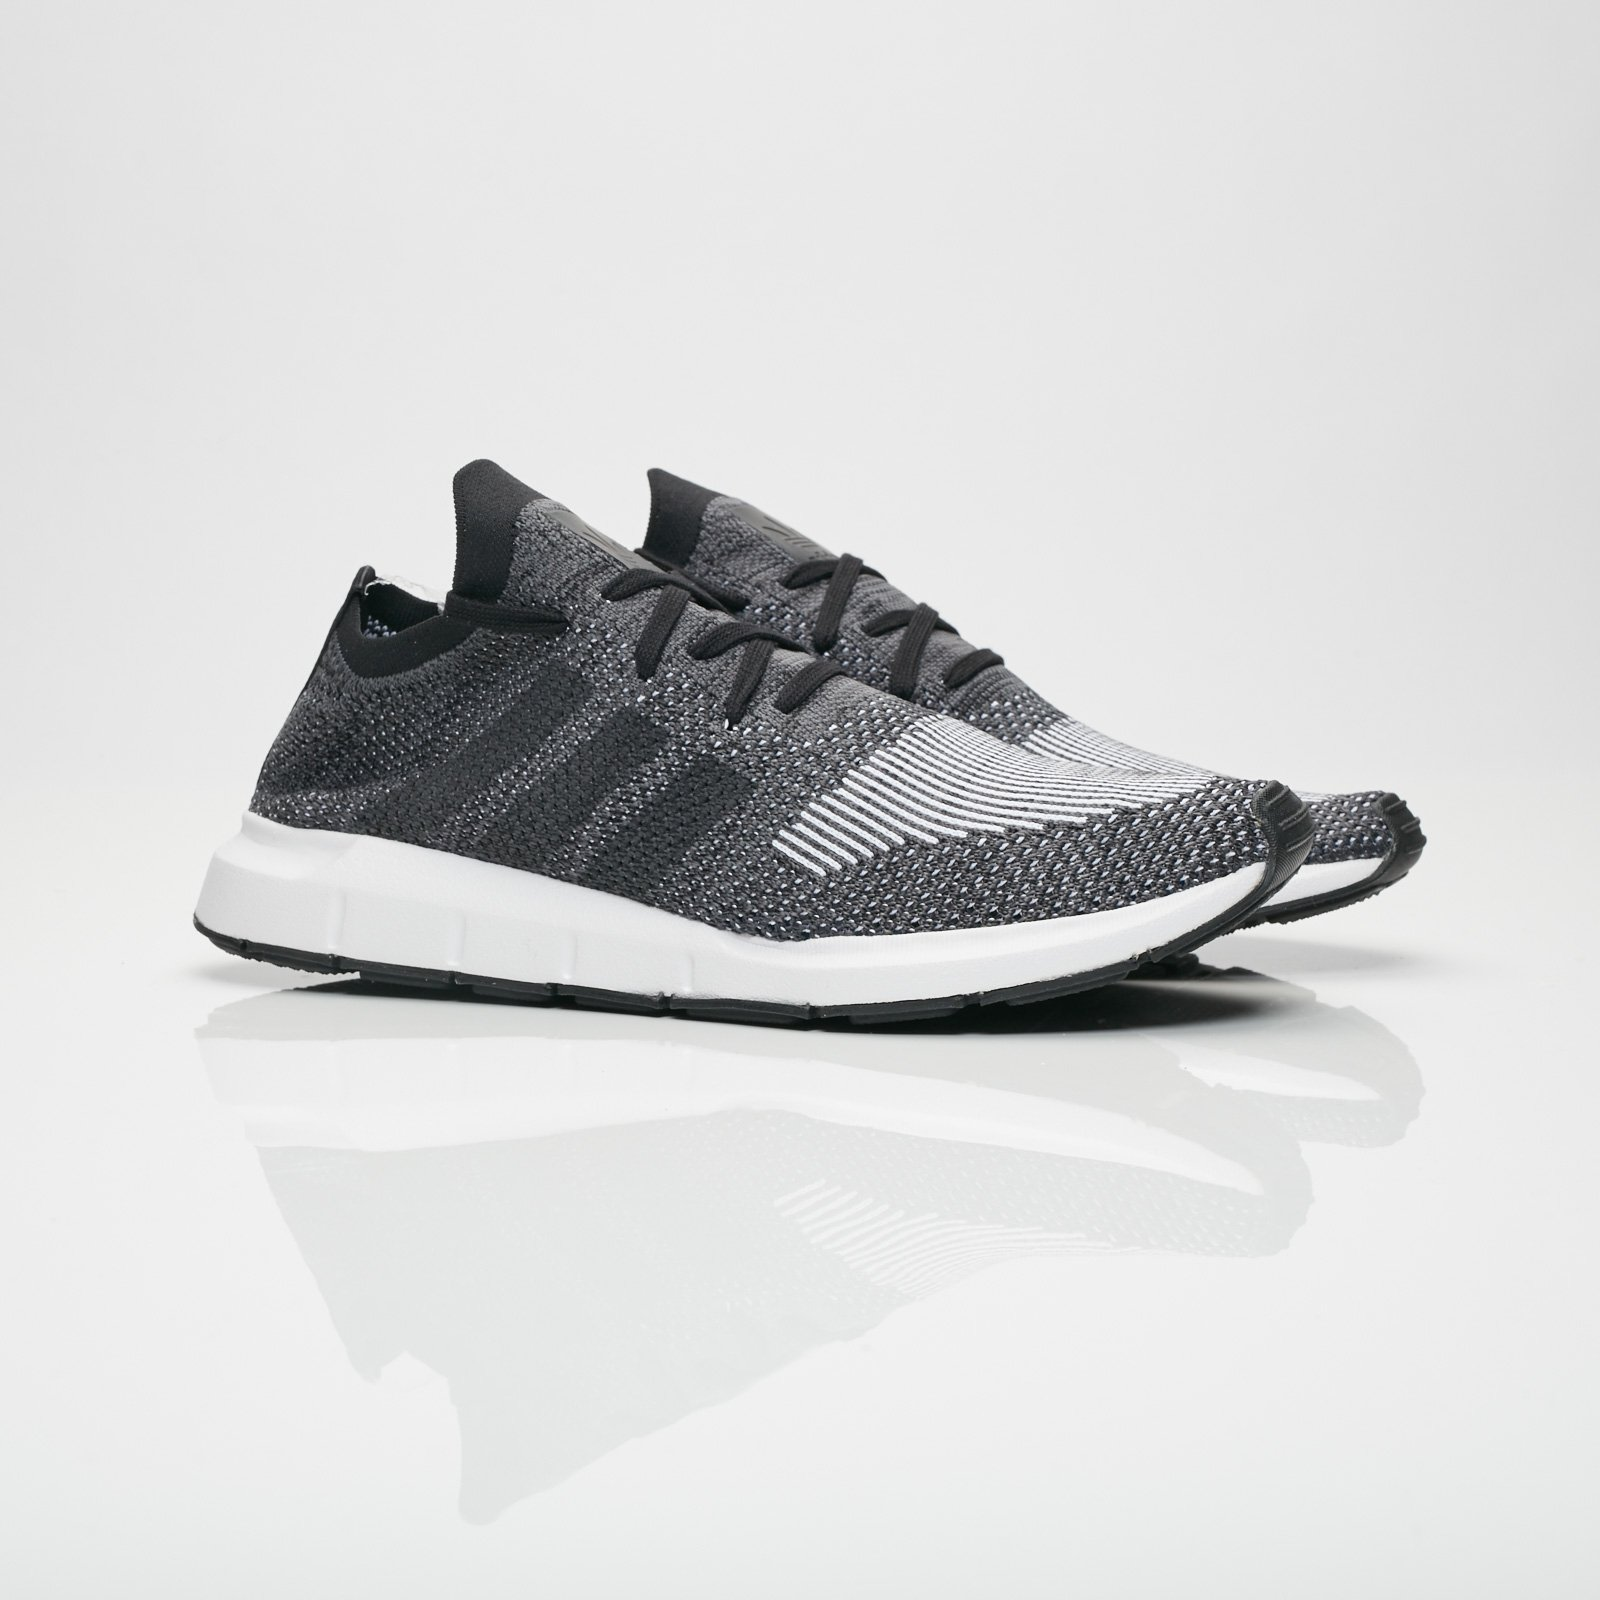 883dfa788bb2dd adidas Swift Run PK - Cq2889 - Sneakersnstuff